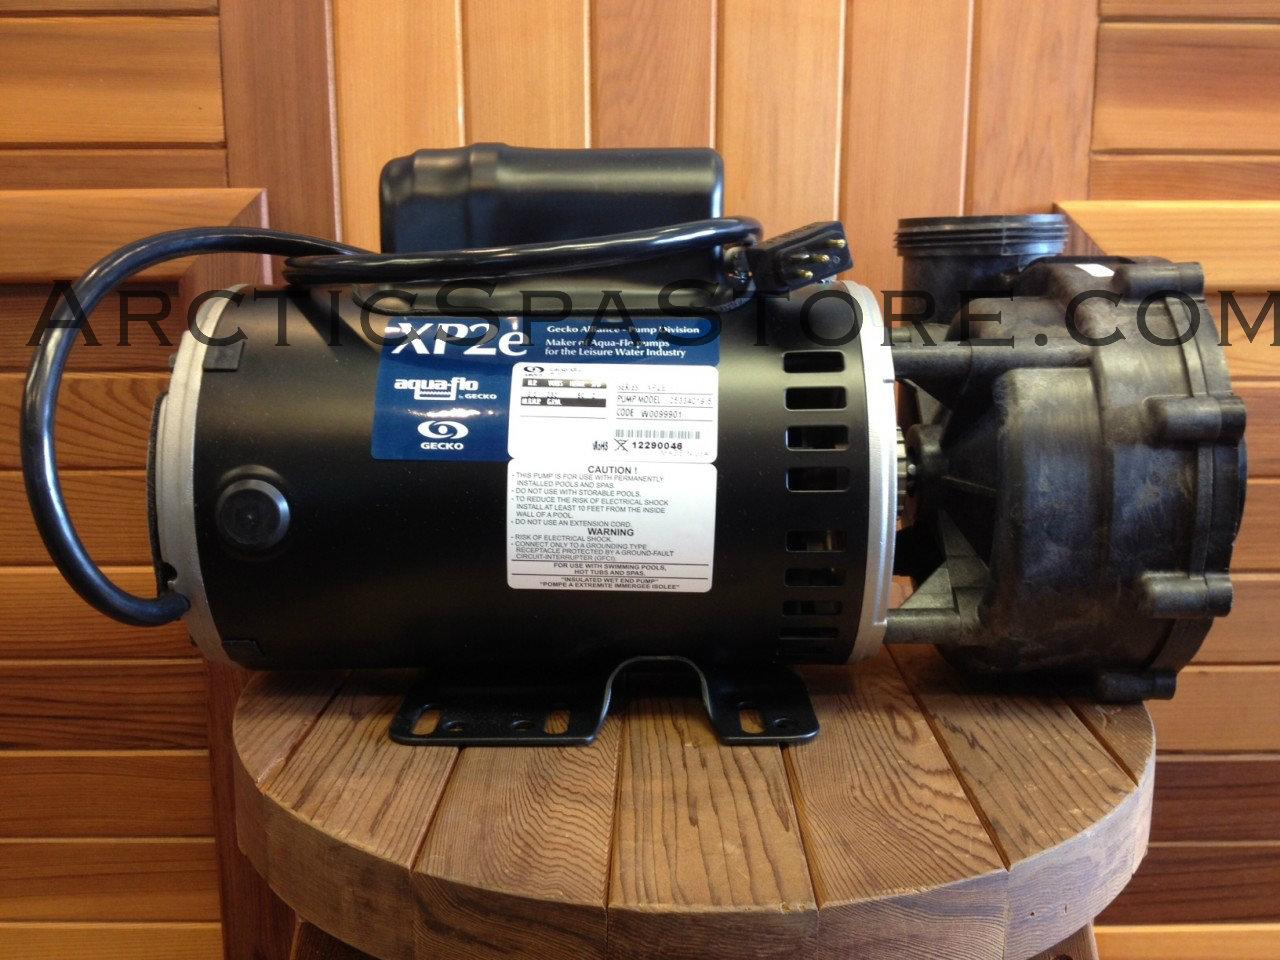 small resolution of arctic spa pump 2 sd on aqua flo impeller aquaflow pumps flowmaster pumps aqua flo pump wiring diagram